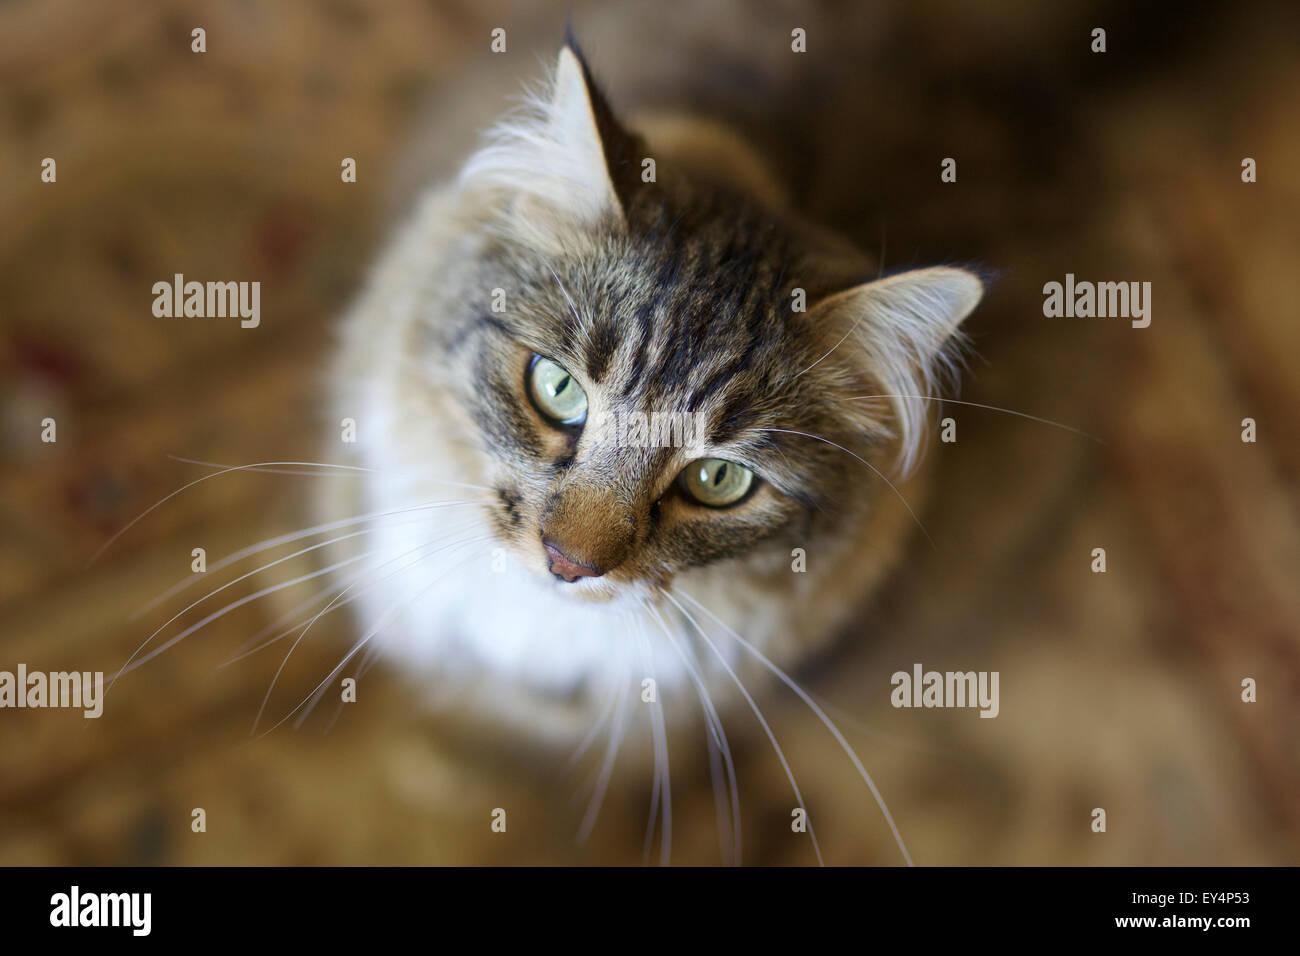 Capelli medi gatto domestico guardando la telecamera Immagini Stock